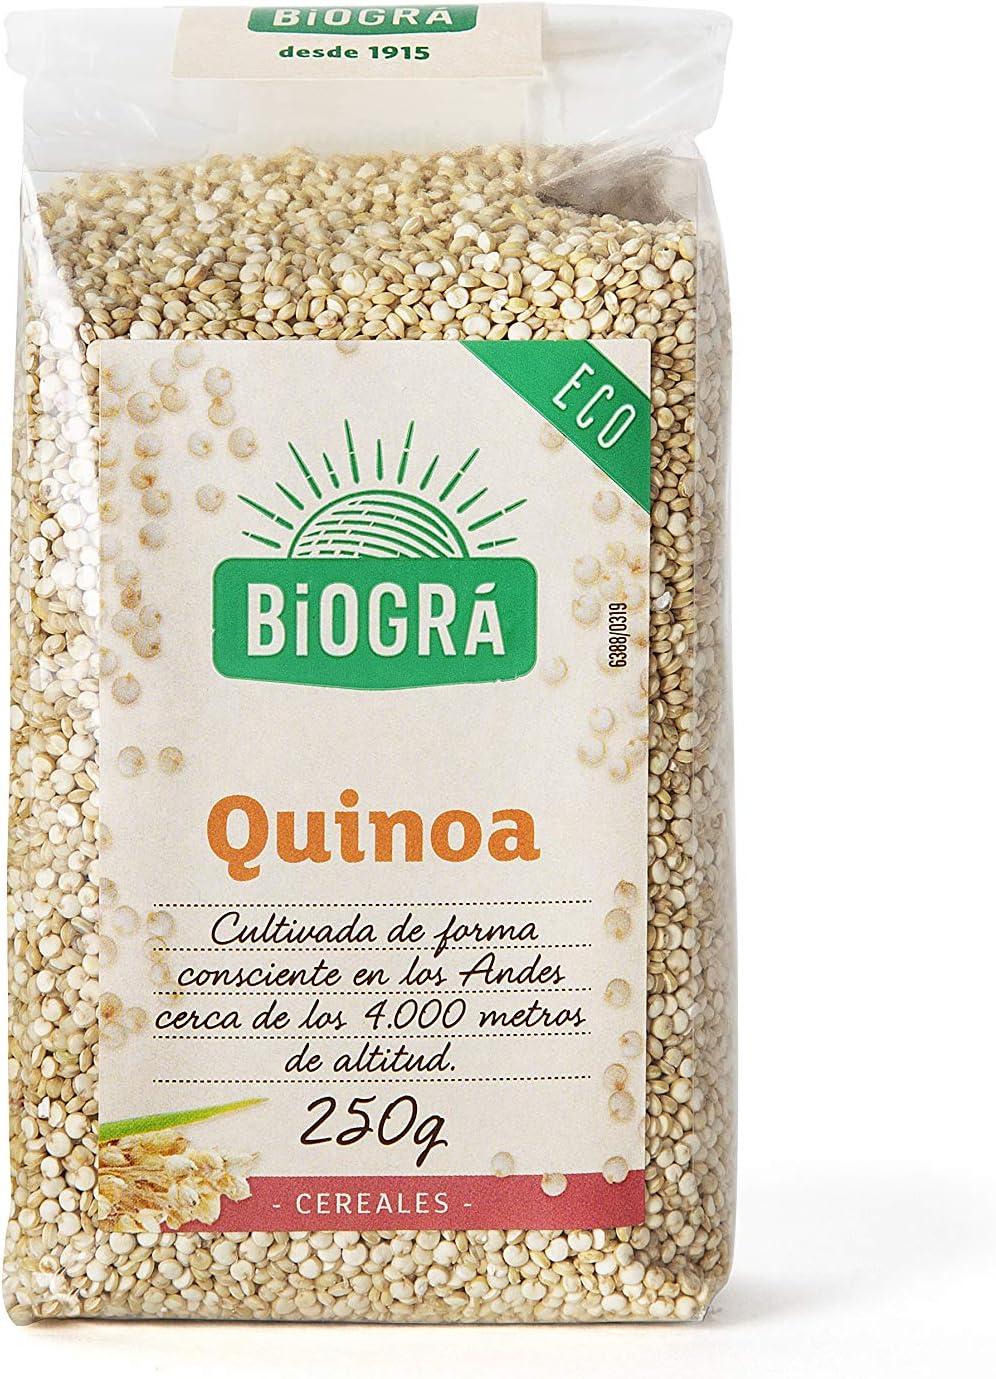 Biográ Semillas de Quinoa, 250g: Amazon.es: Alimentación y ...